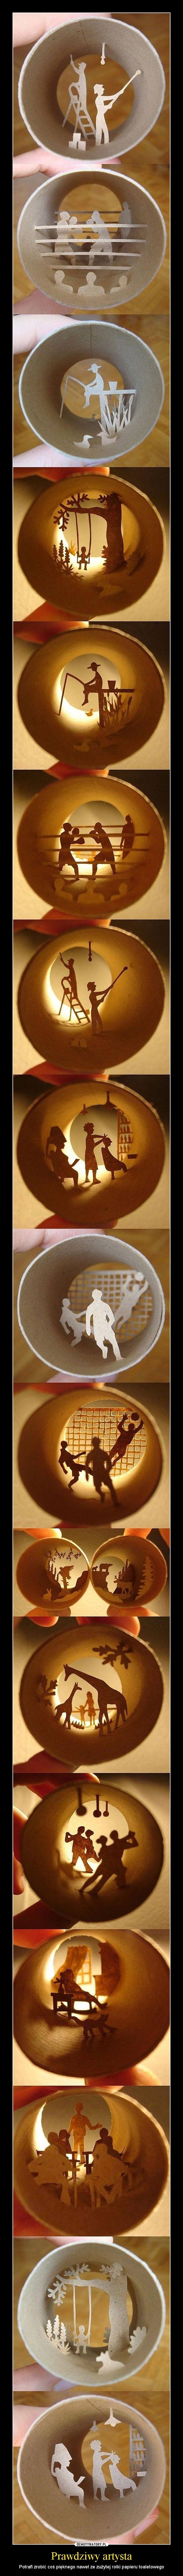 Prawdziwy artysta – Potrafi zrobić coś pięknego nawet ze zużytej rolki papieru toaletowego